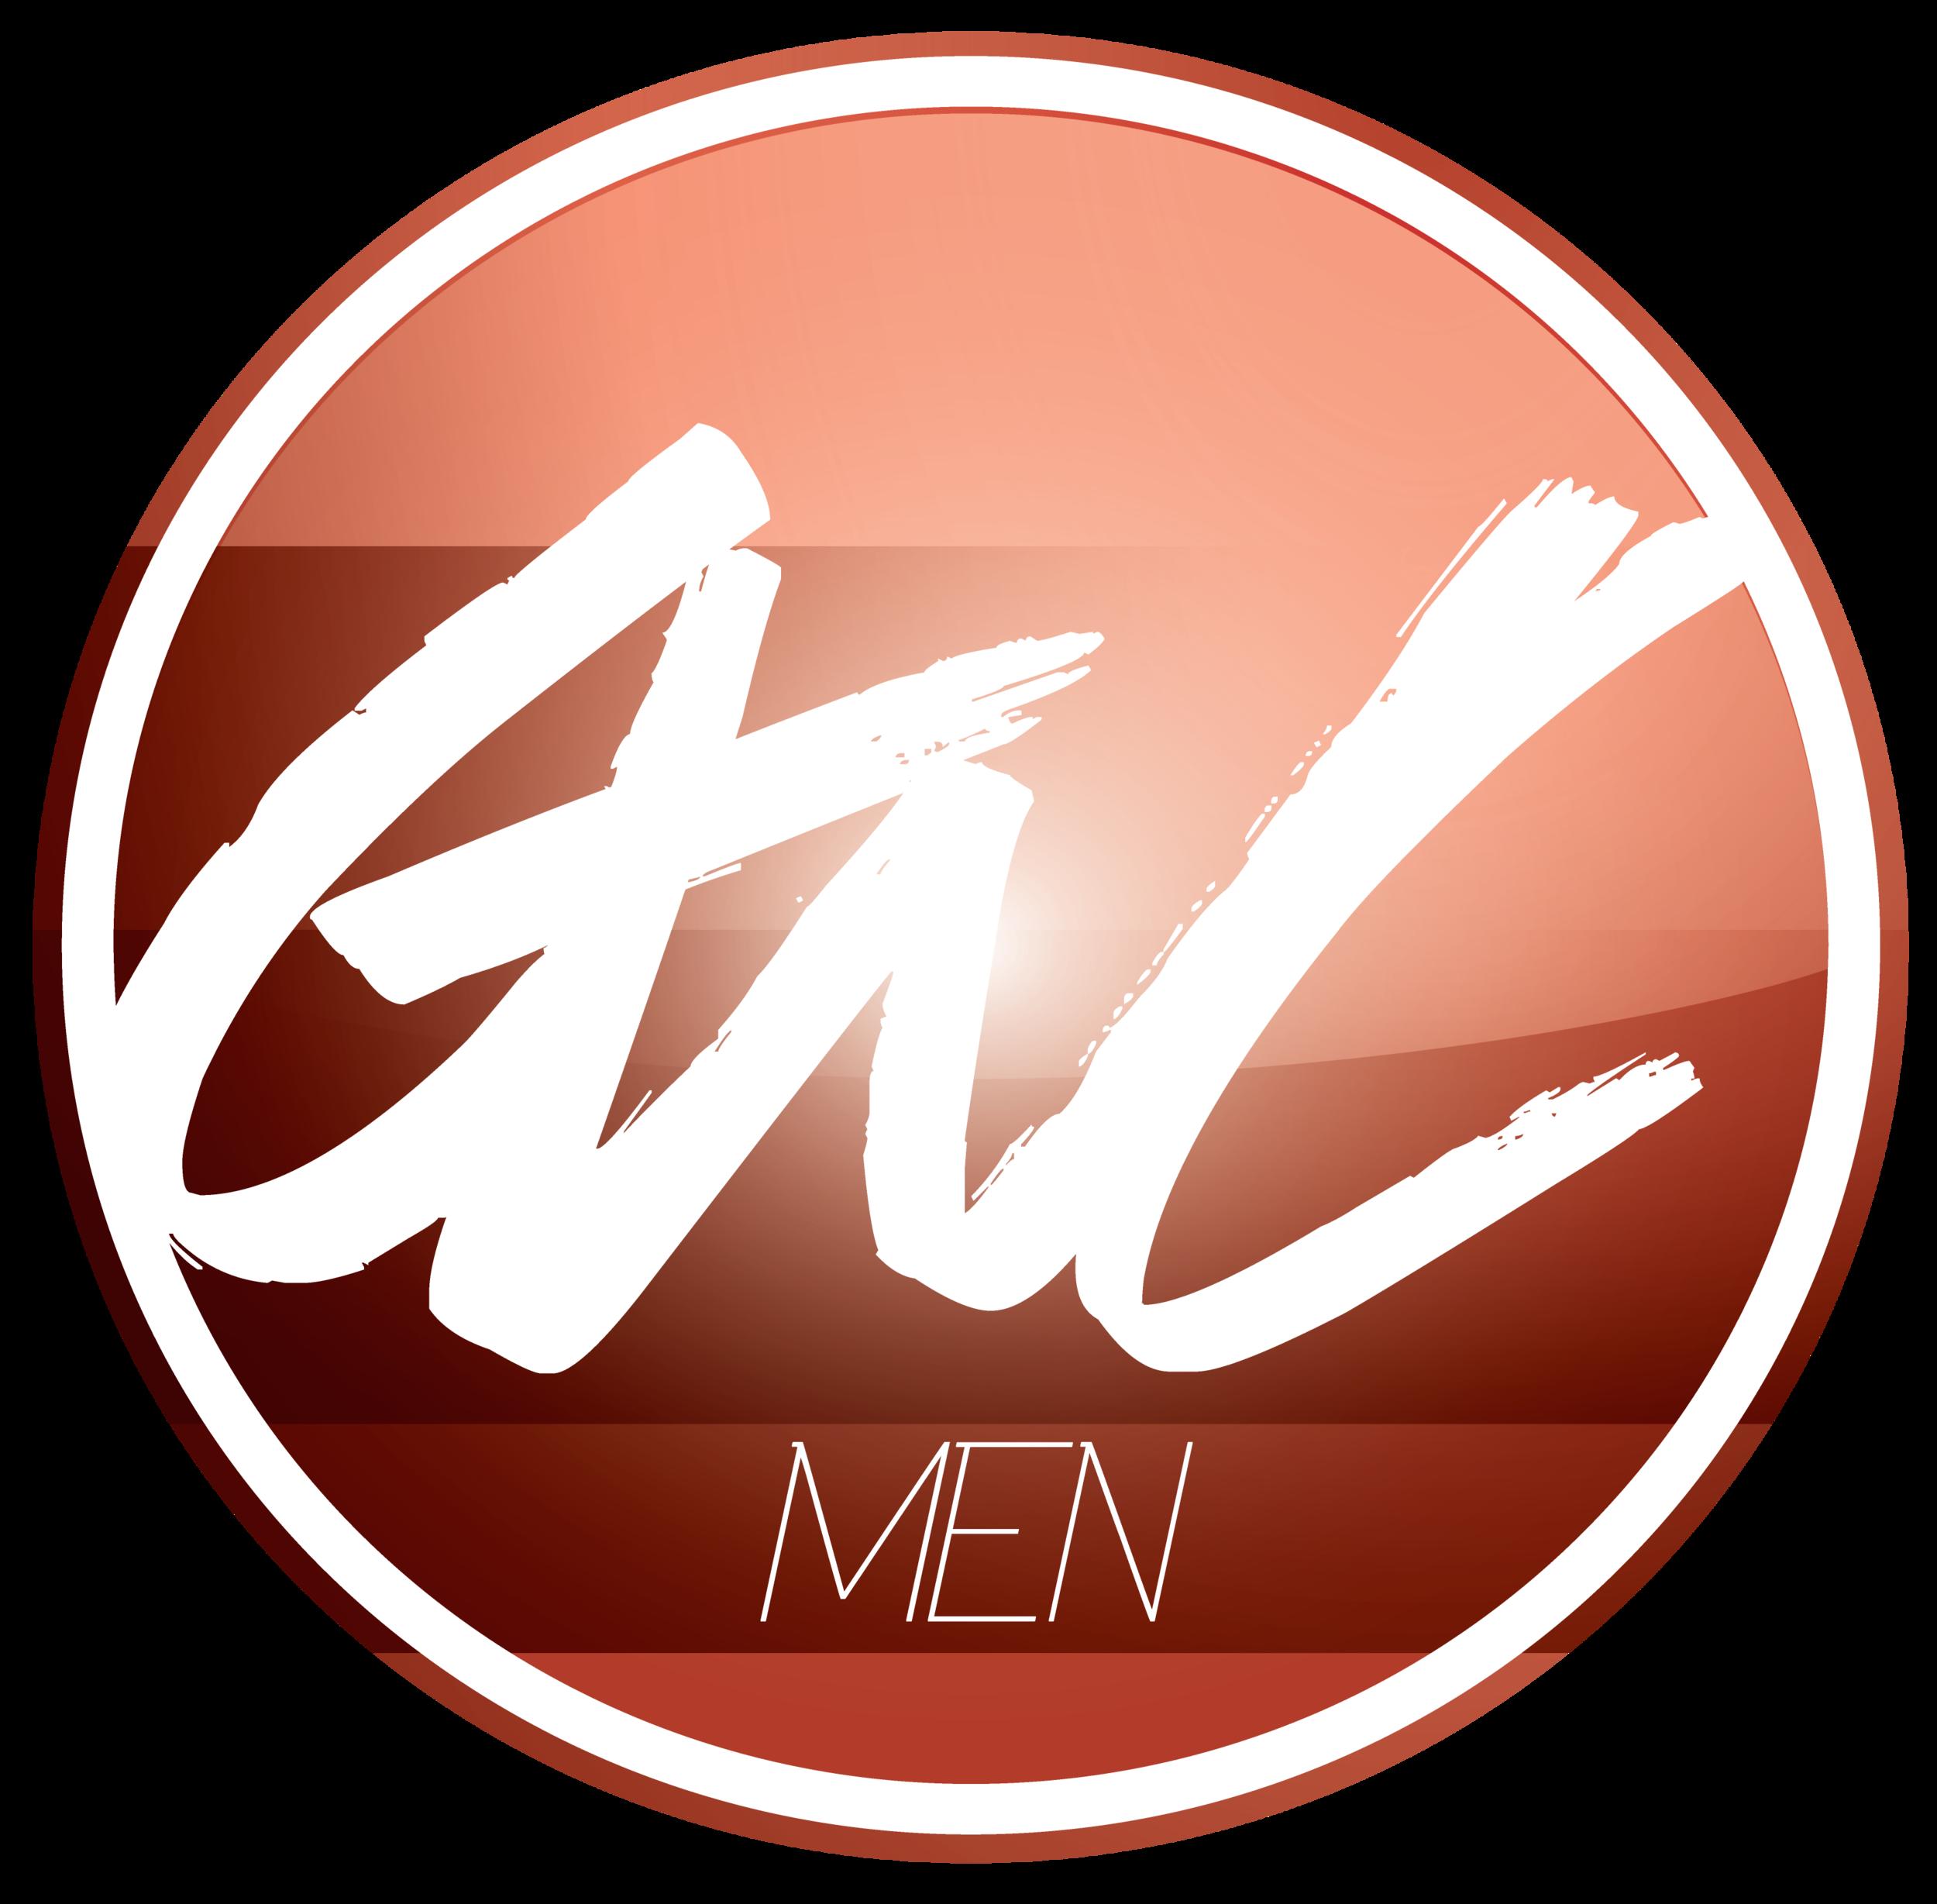 GWC MEN 1.0.png